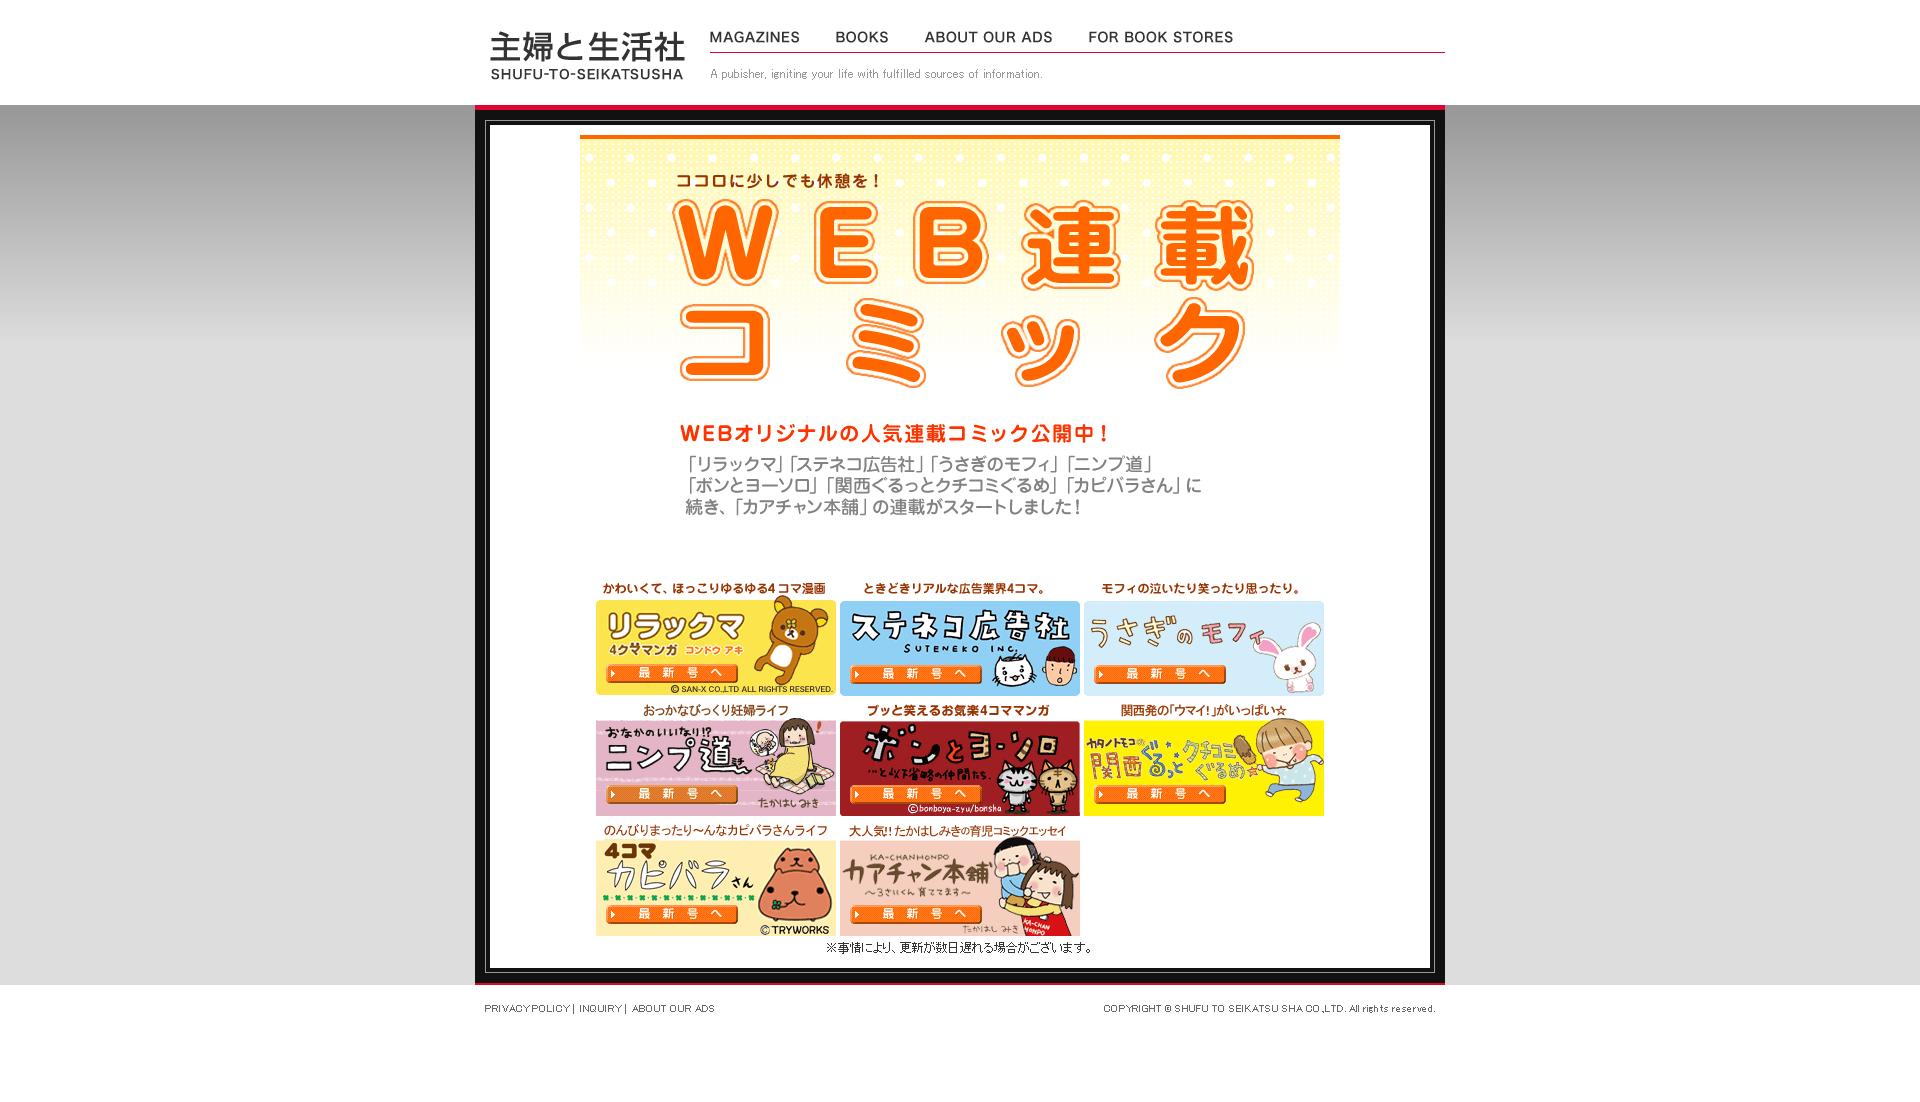 WEB連載コミック リラックマ、ほか-主婦と生活社